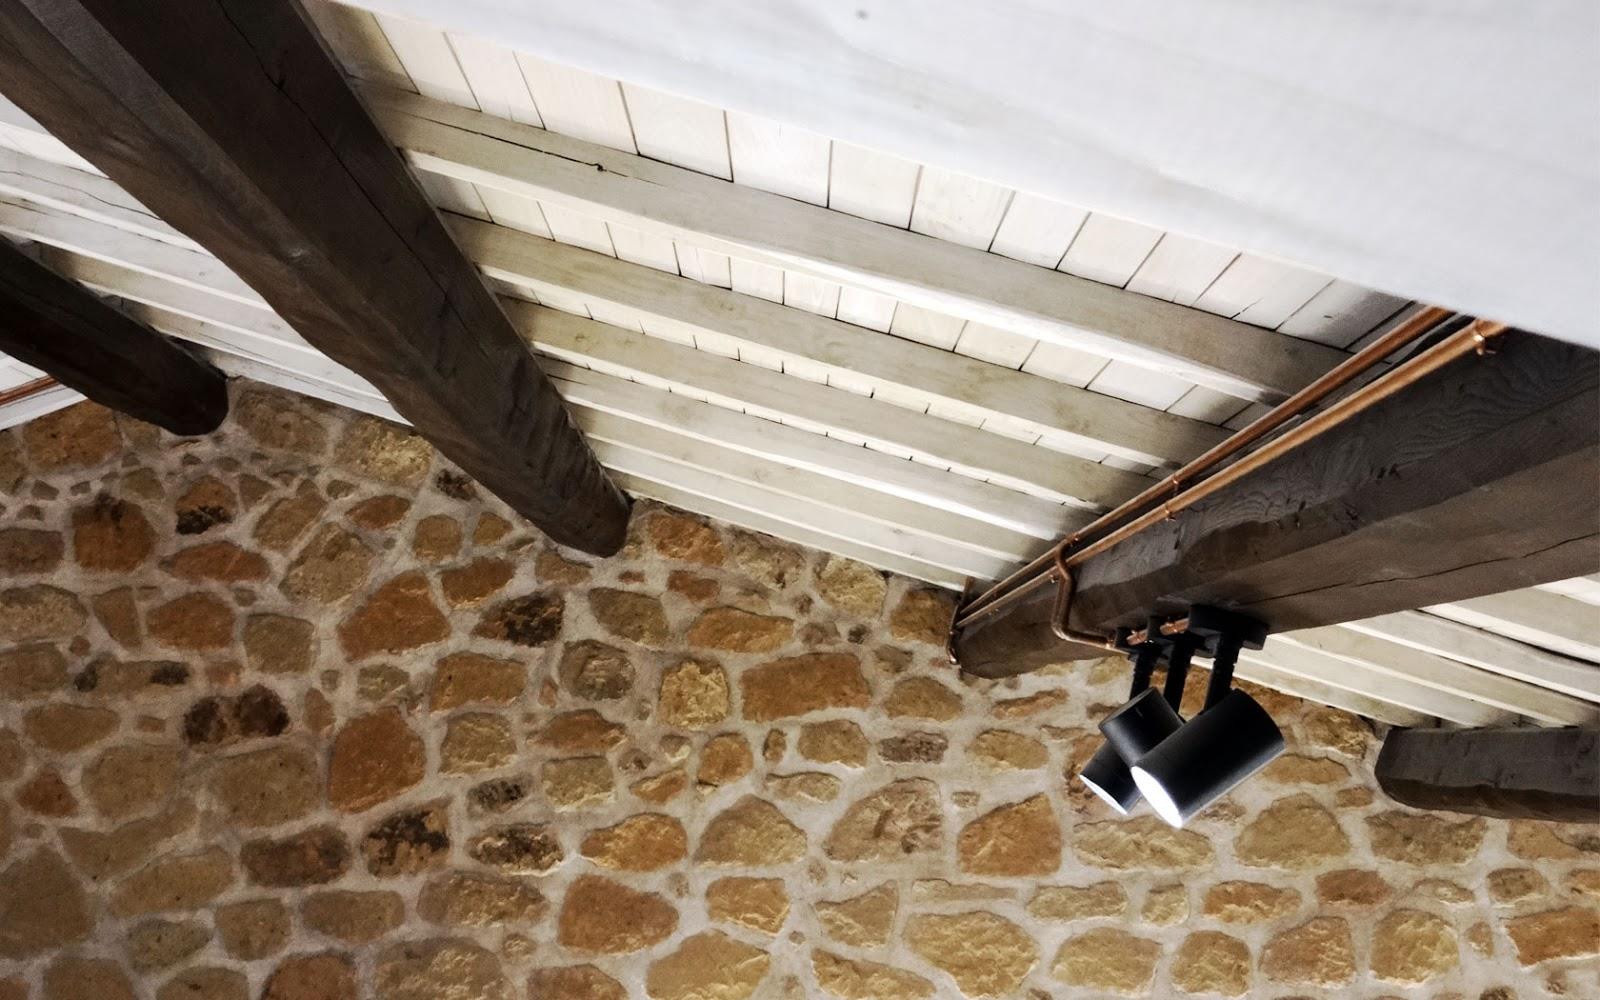 http://www.cafelab.it/progetti/casale_lamandriola.html